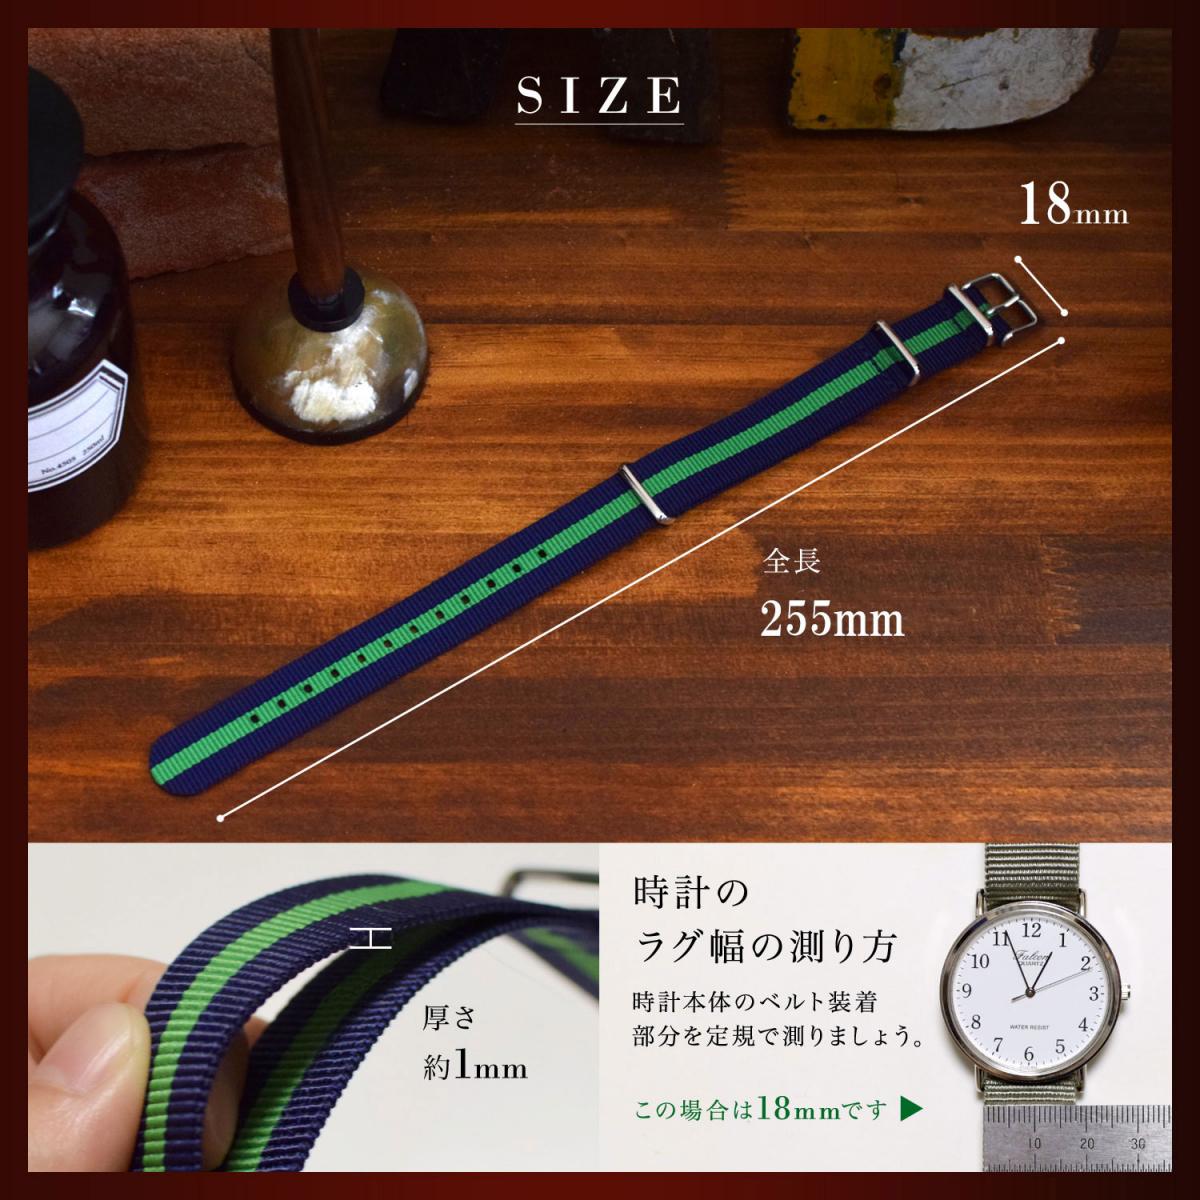 時計ベルト NATO ゴールドバックル ショートサイズ 18mm 3本セット 取付けマニュアル 腕時計バンドセット売り_画像4